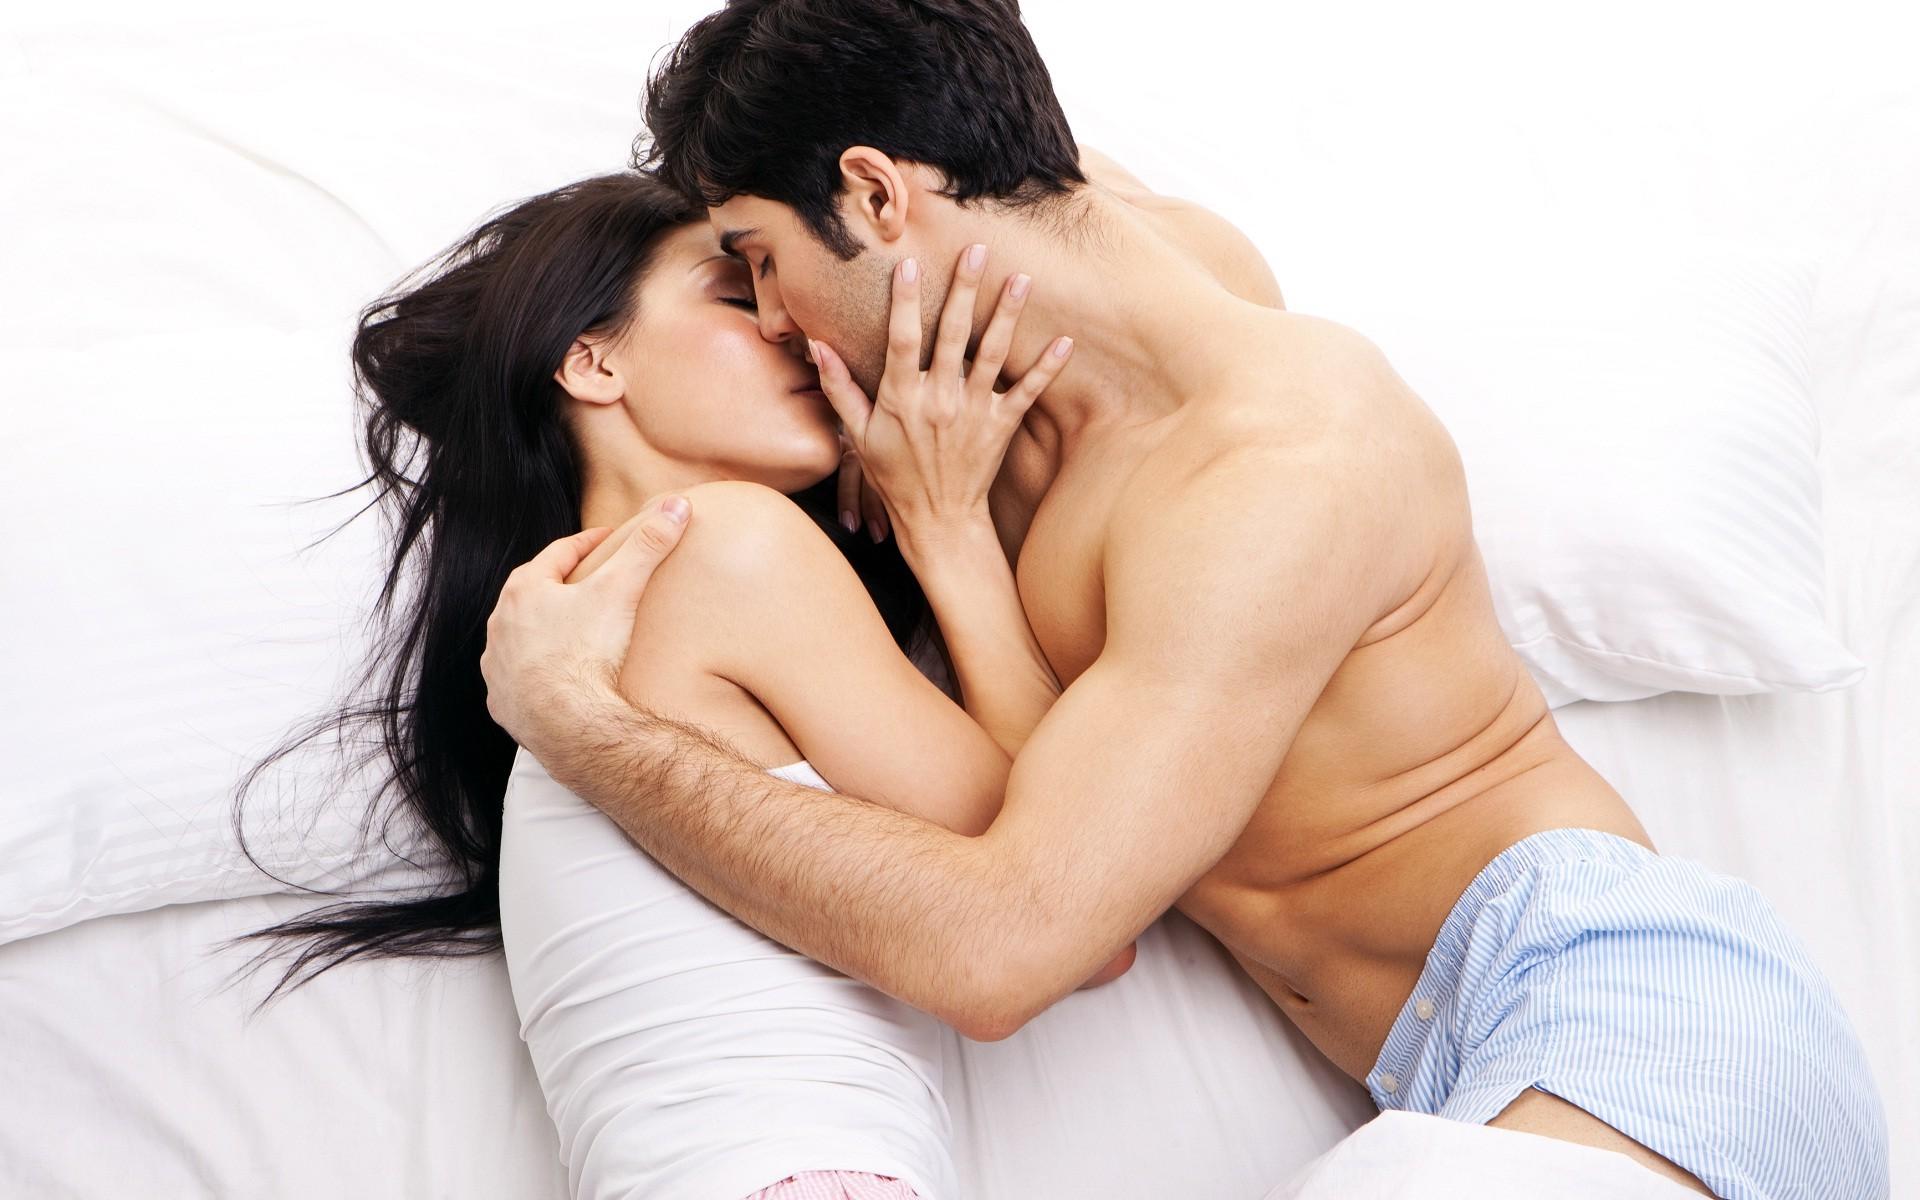 Можно ли заниматься сексом при ВПЧ и помогает ли презерватив от вируса?